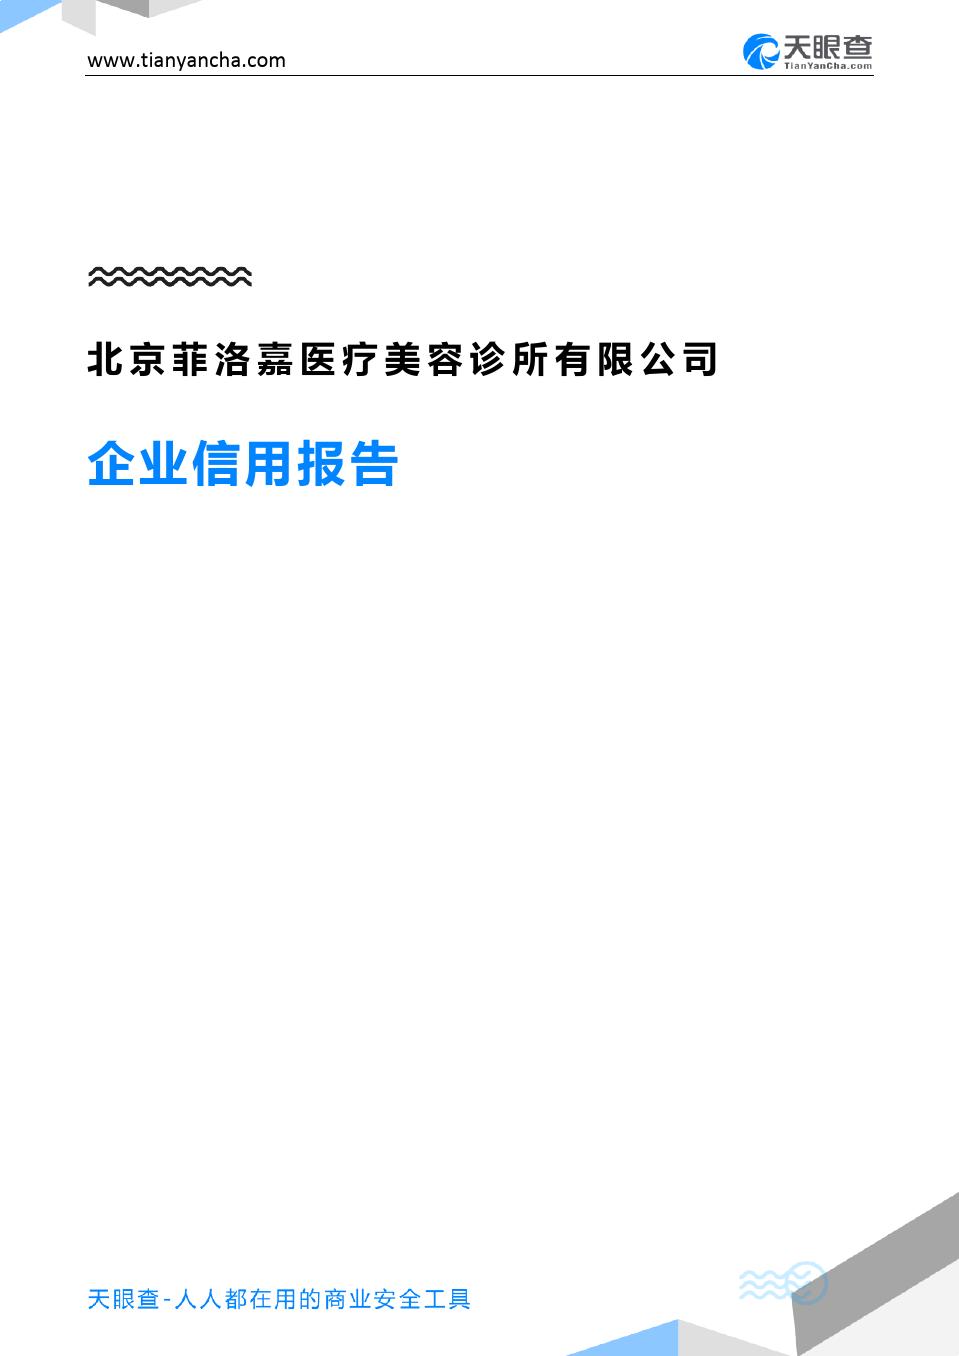 北京菲洛嘉医疗美容诊所有限公司(企业信用报告)- 天眼查